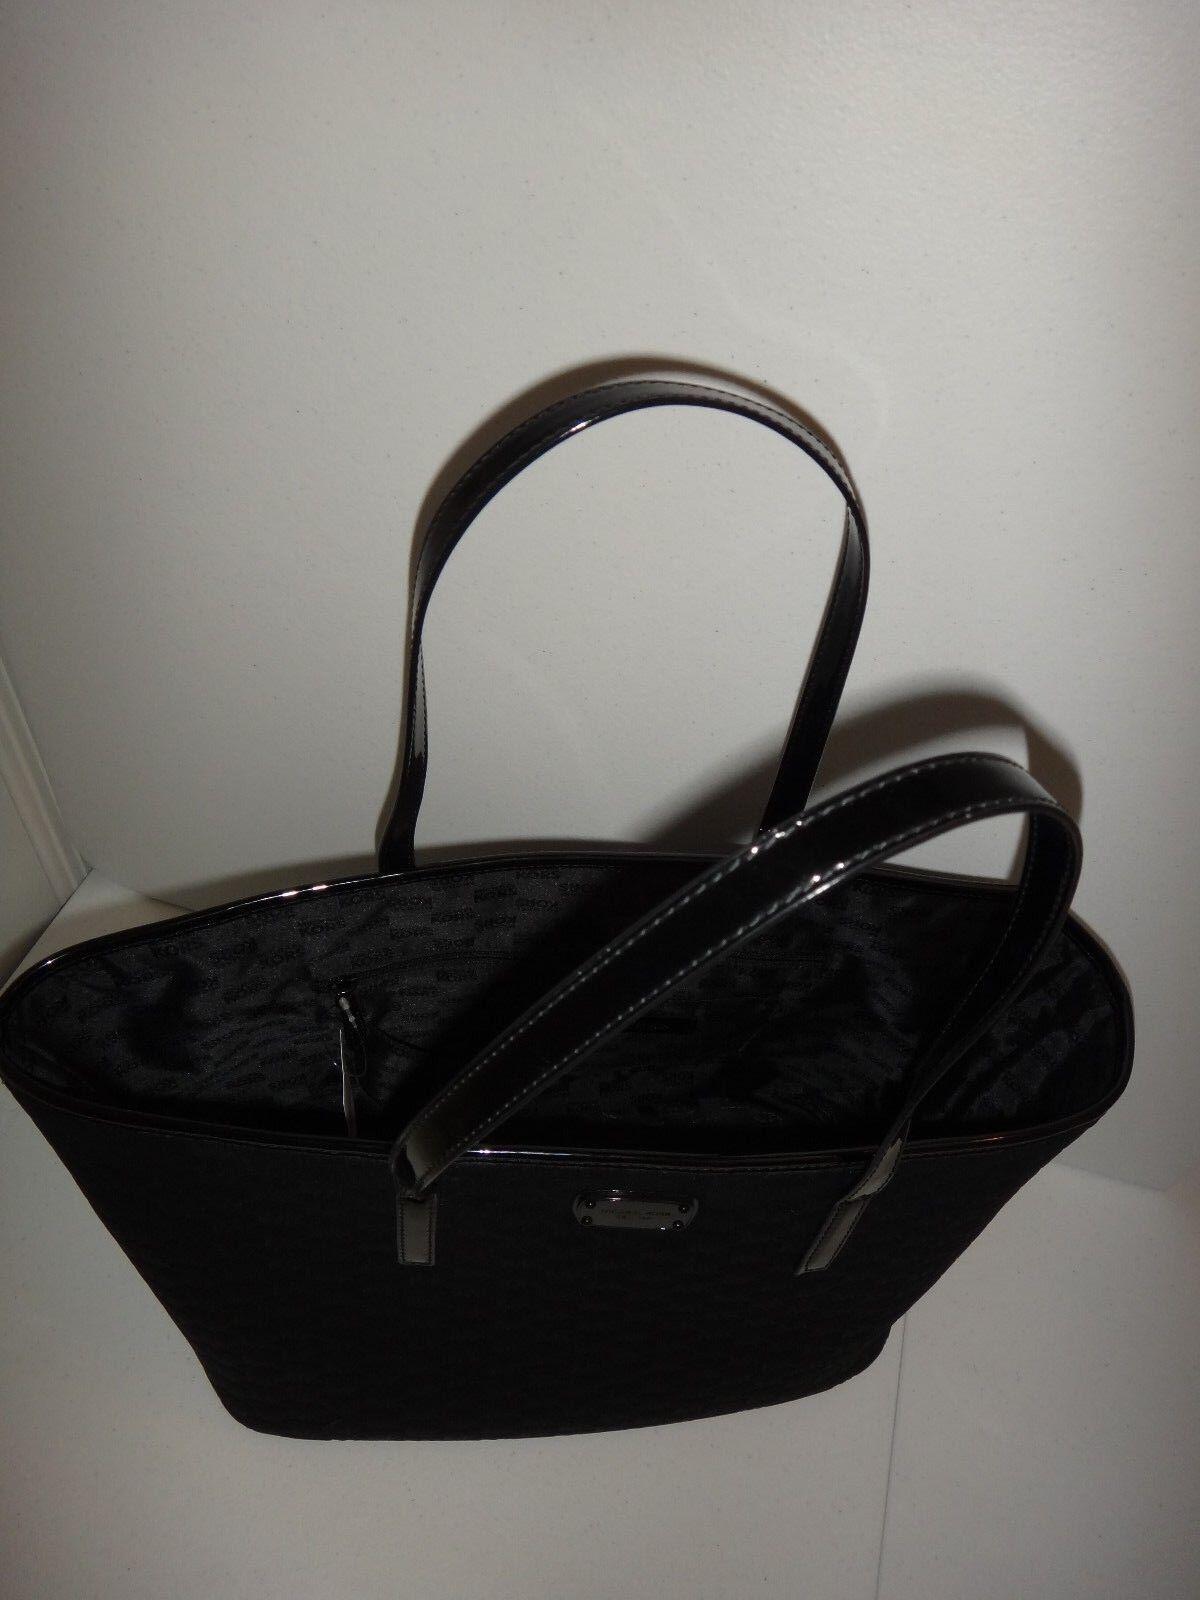 d195b309c379 Michael Kors Women's Emry MK Signature LG TZ Tote Bag Black Neoprene  38S8CE4T3V for sale online | eBay